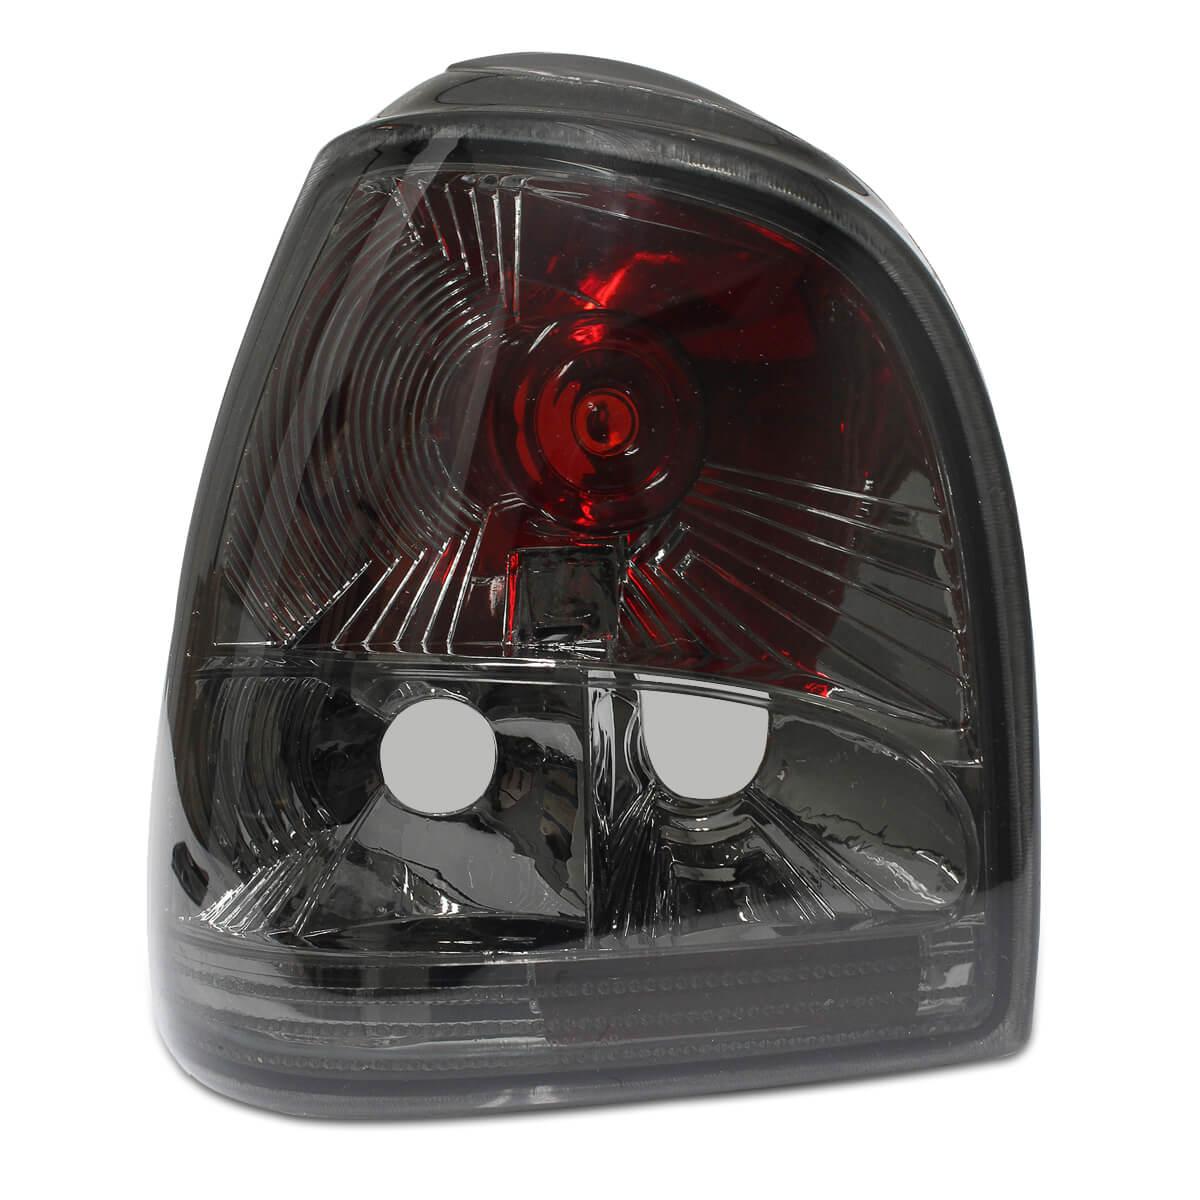 Lanterna Traseira Gol Bola 95 96 97 98 99 00 Gol Special 01 02 03 Encaixe Arteb Mod. Fumê